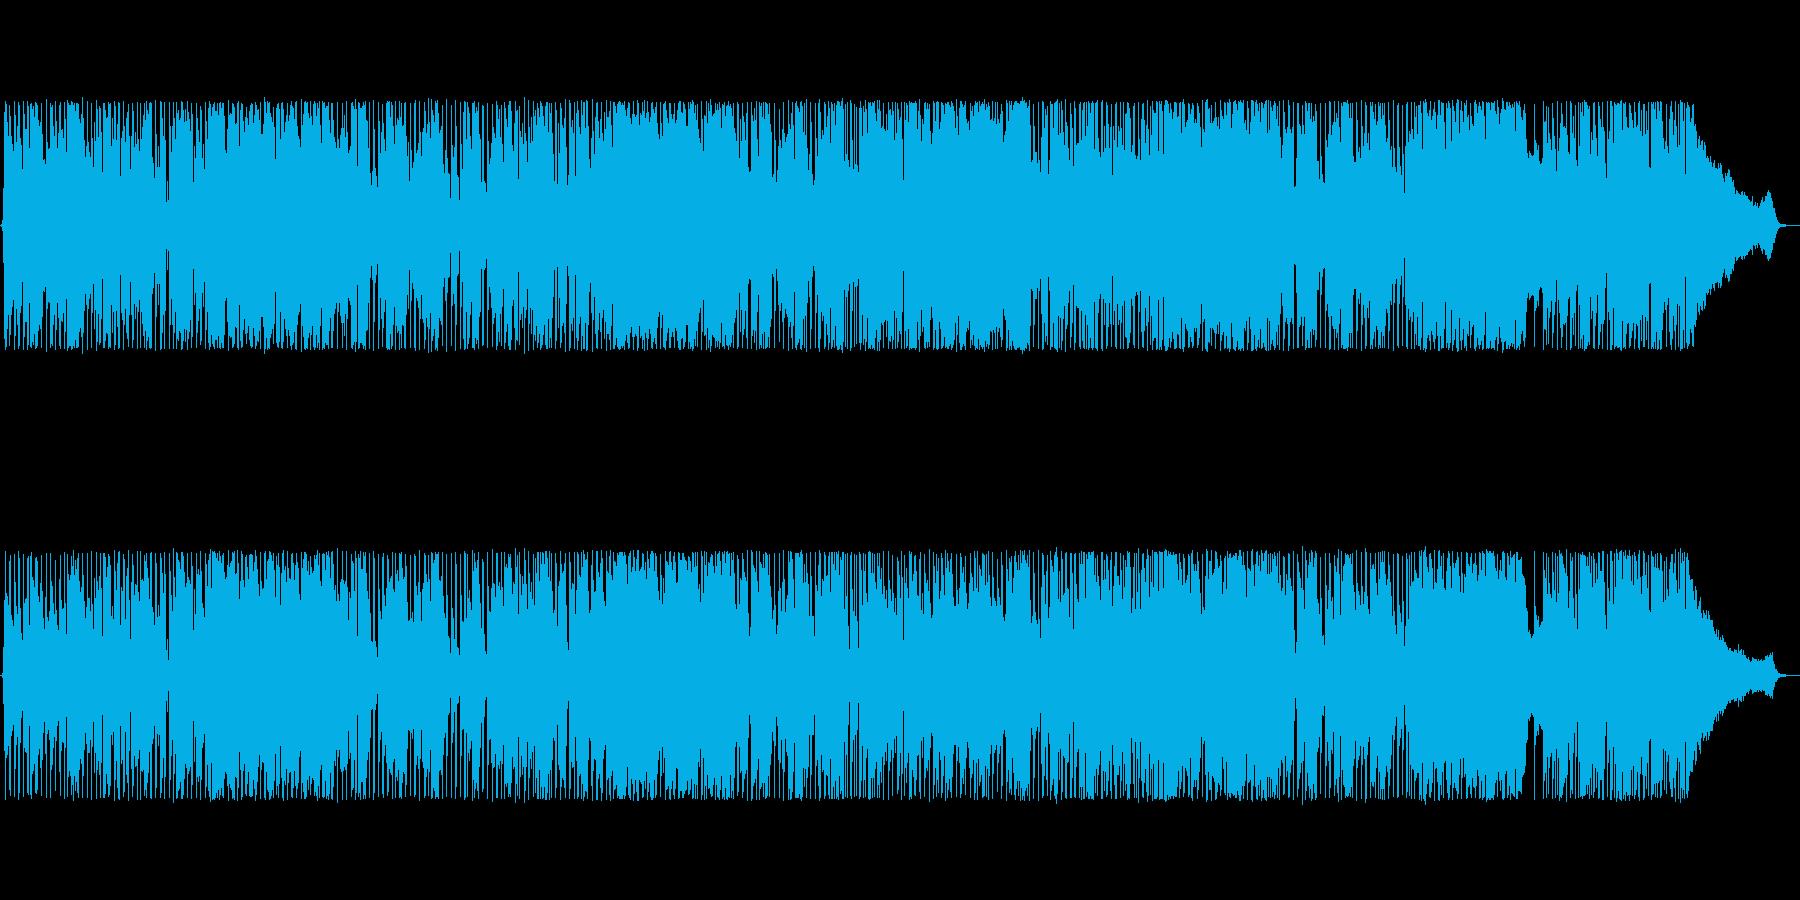 モダンなカントリーオスのボーカル。...の再生済みの波形